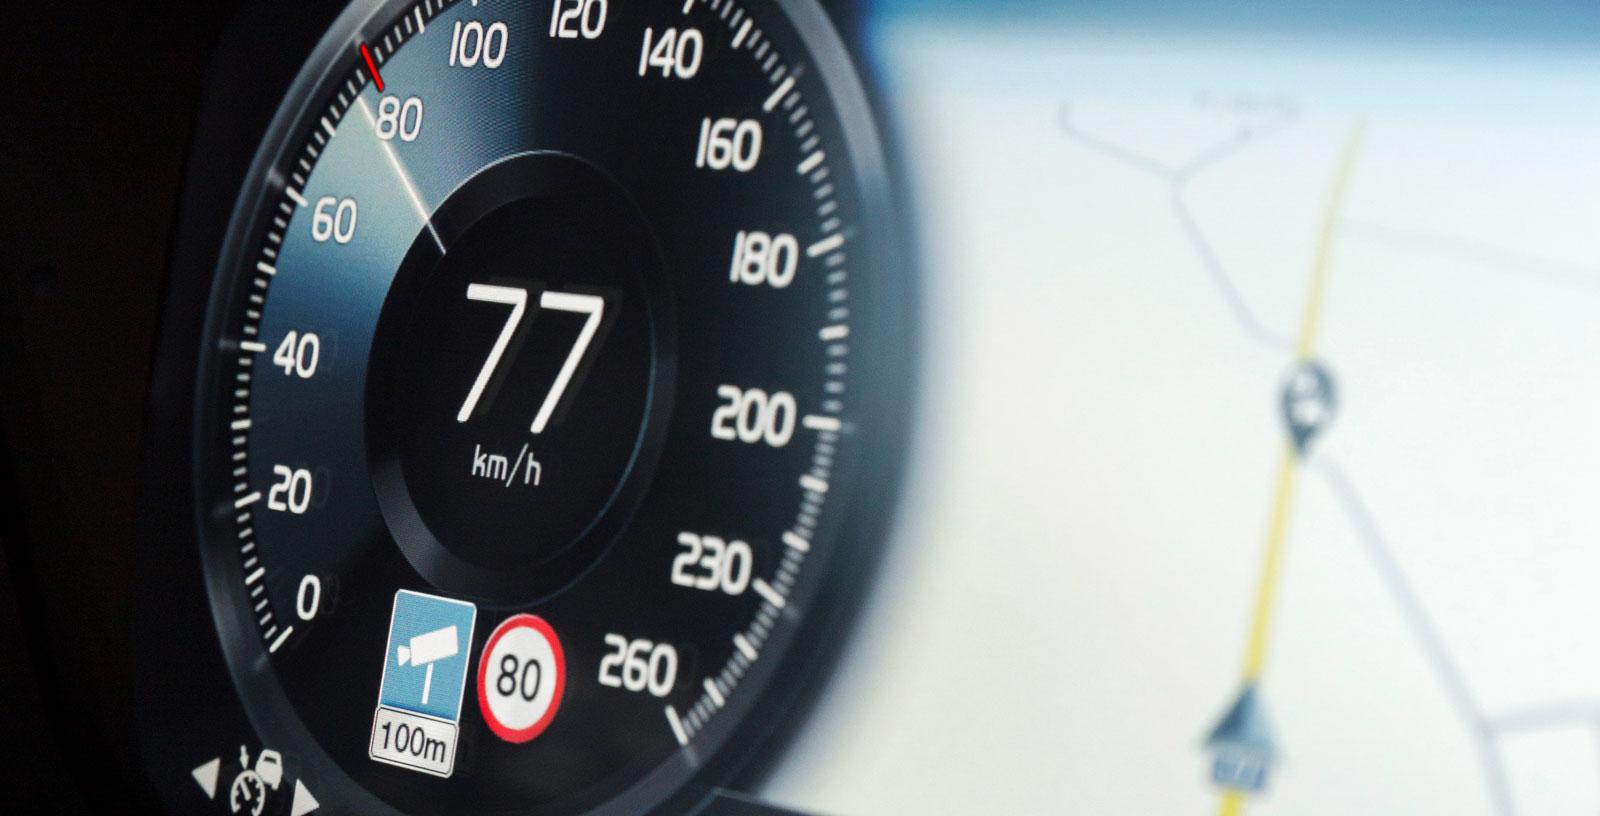 Fartkameravarning i hastighetsmätaren, dessutom med nedräkning av avståndet.